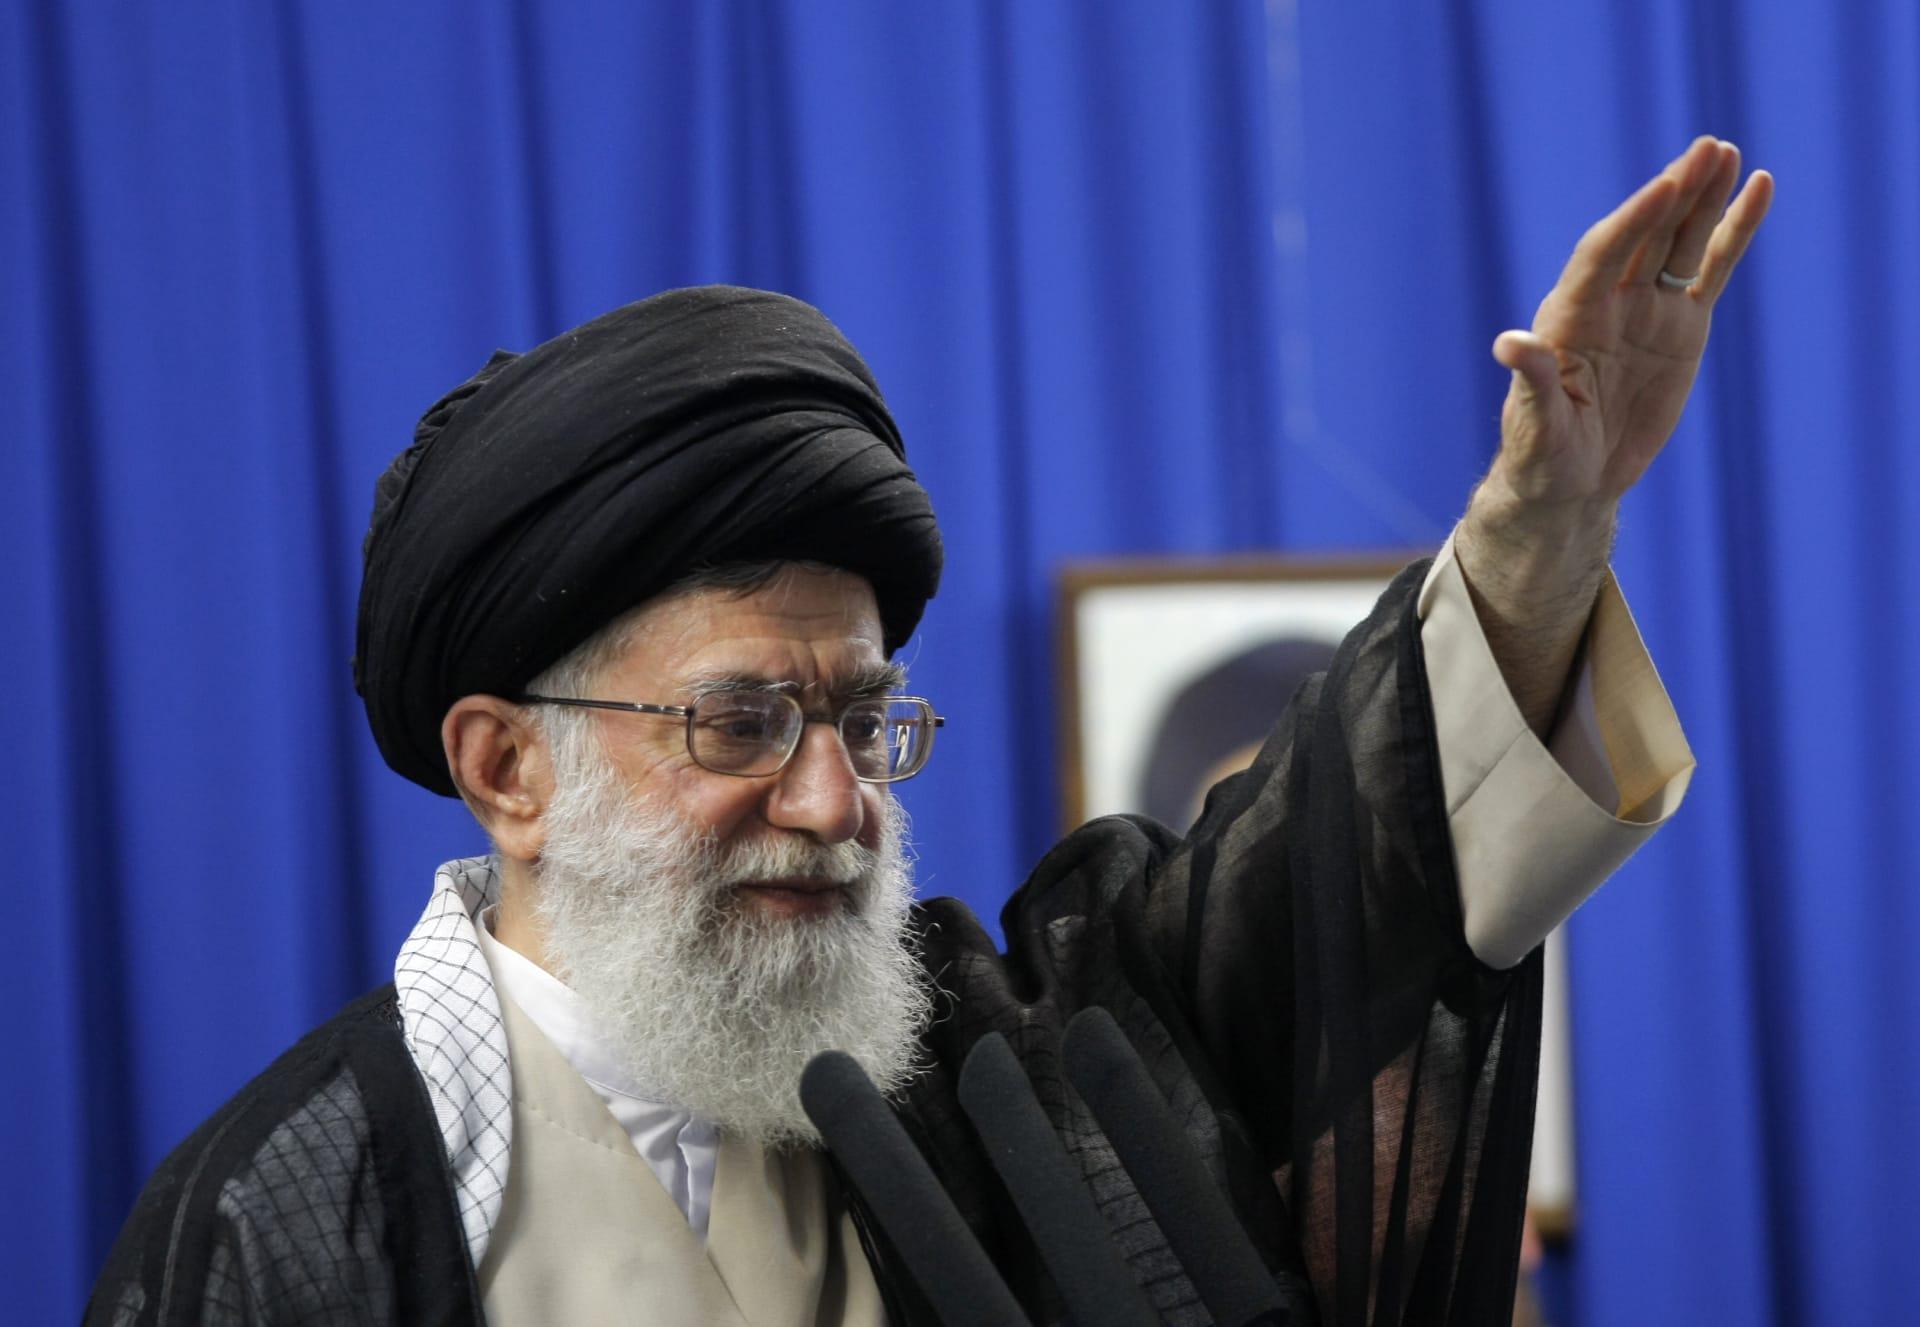 """خامنئي: وعود الأوروبيين """"فارغة"""".. وإيران لم تغلق باب التفاوض مع أي بلد عدا أمريكا وإسرائيل"""